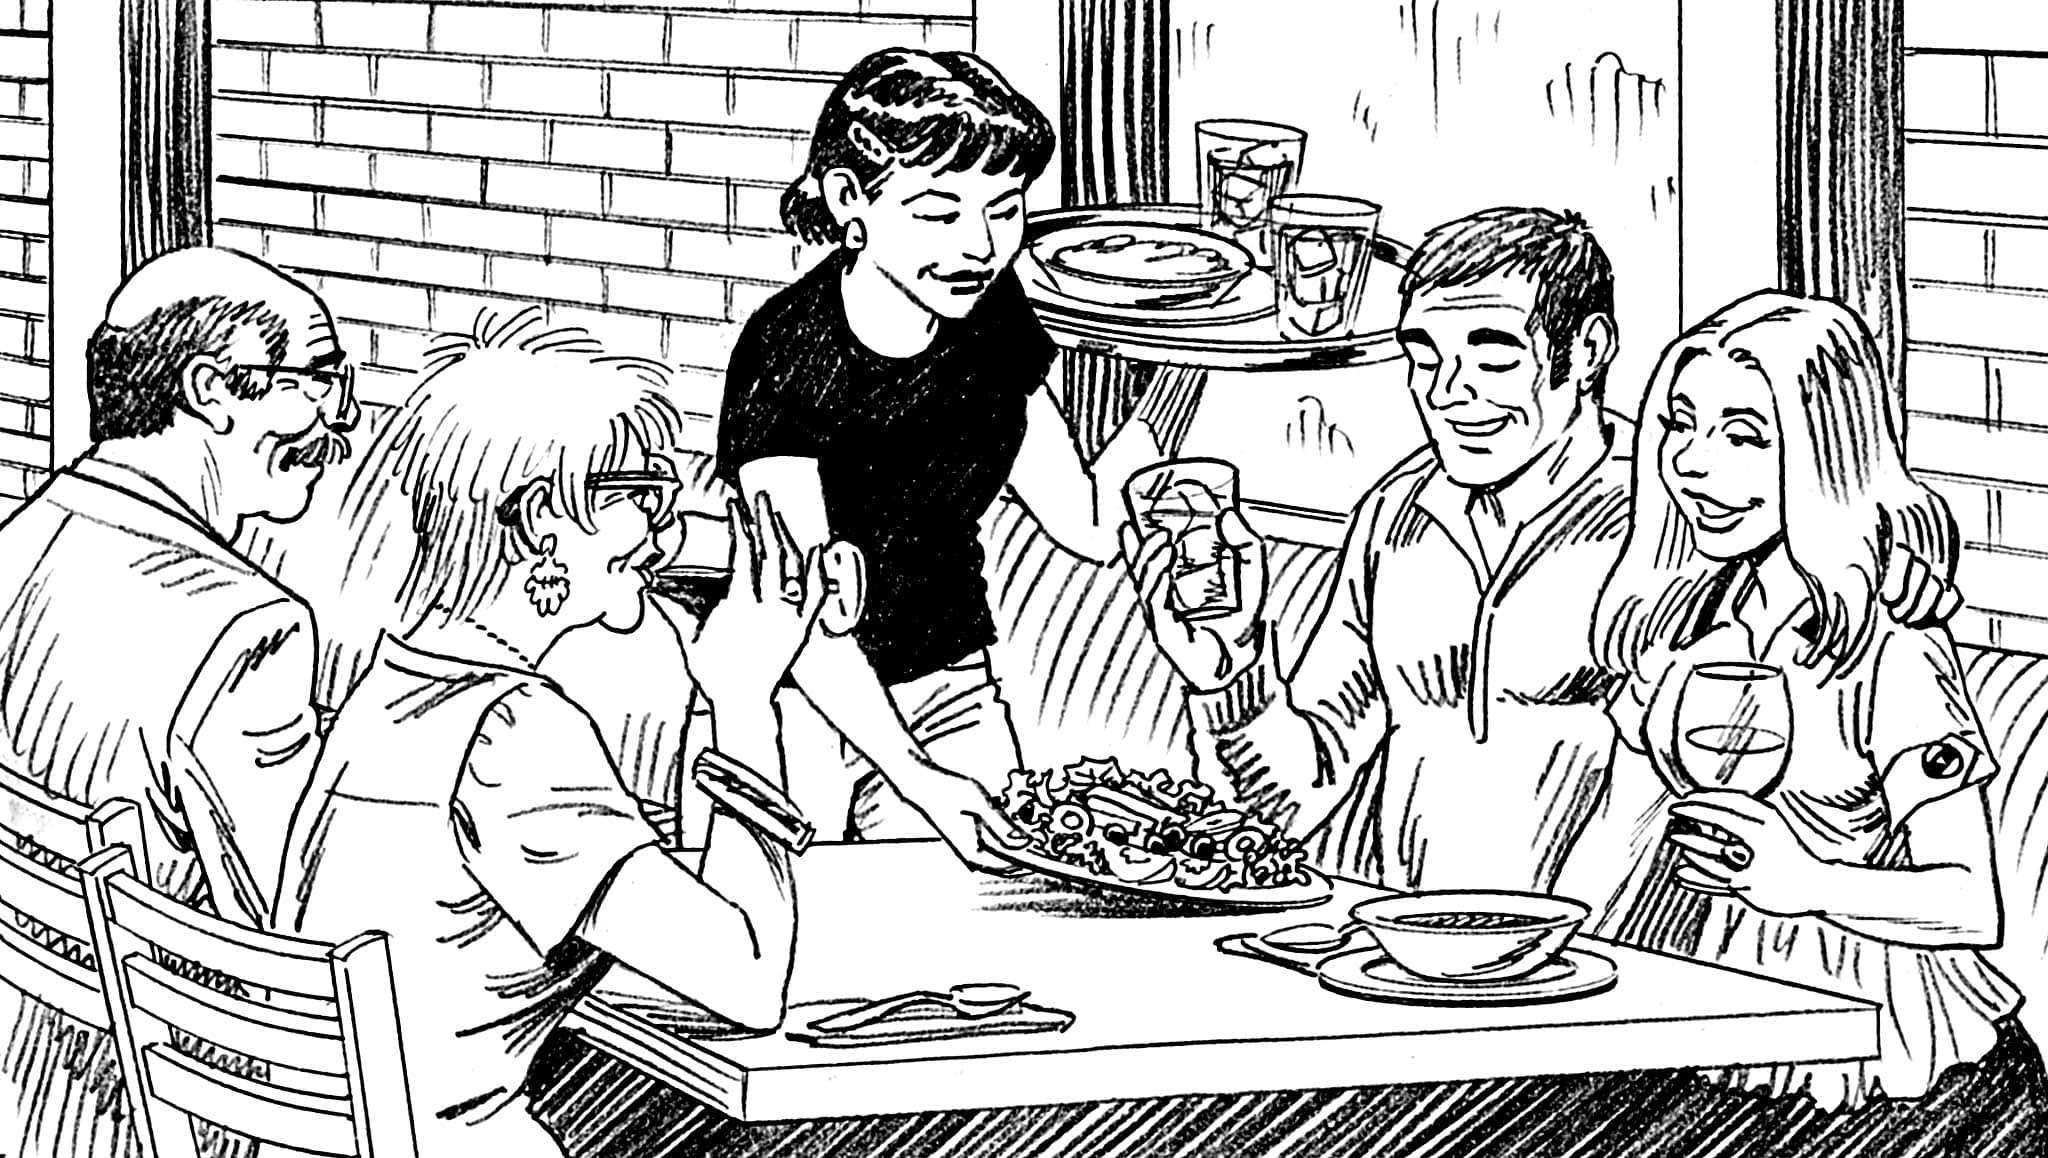 KH3152C05-family-restaurant-dinner